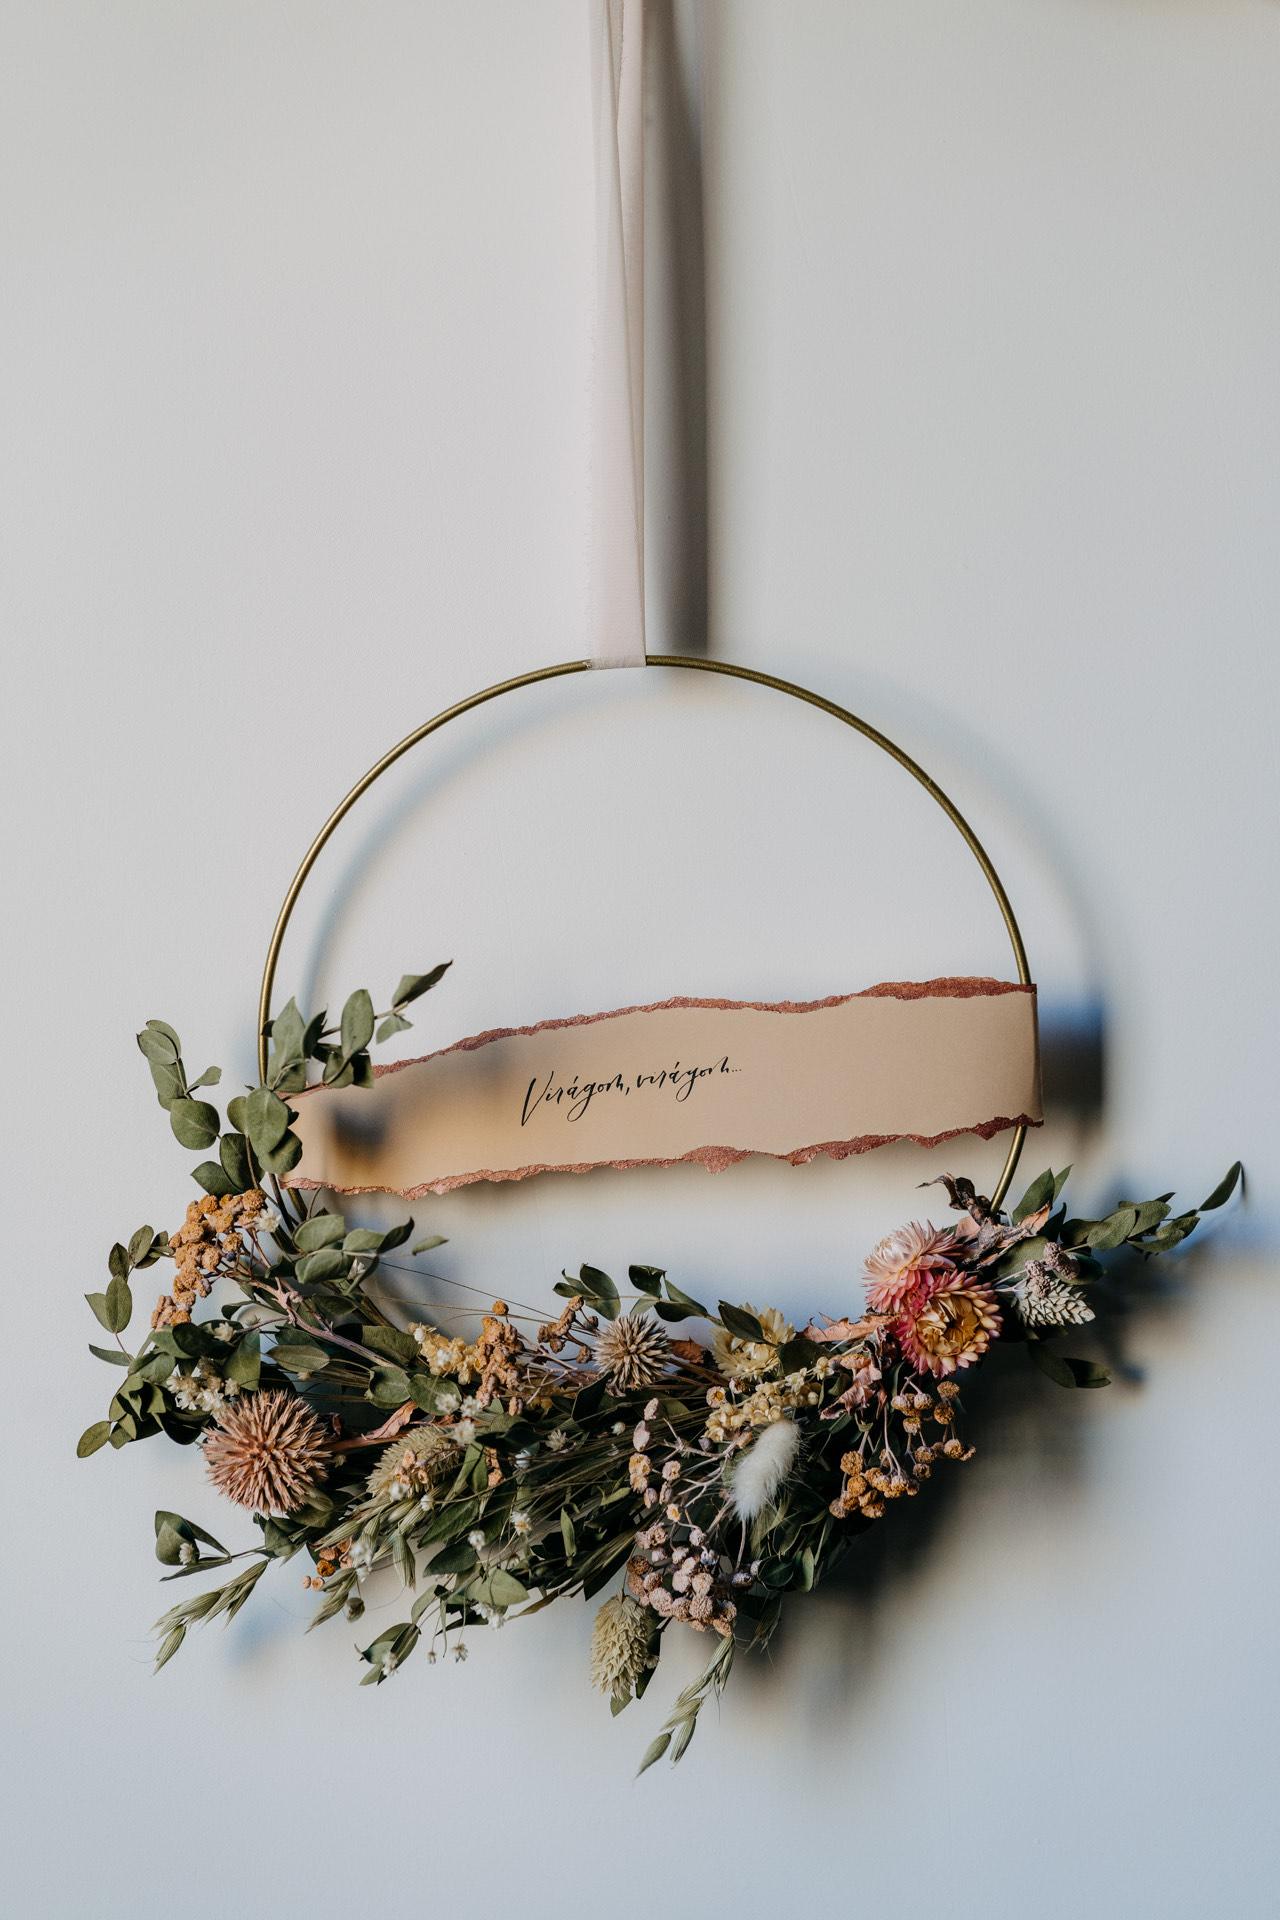 fém karika ajtodisz szarazvirag virag egyedi felirat dekor lakasdekor